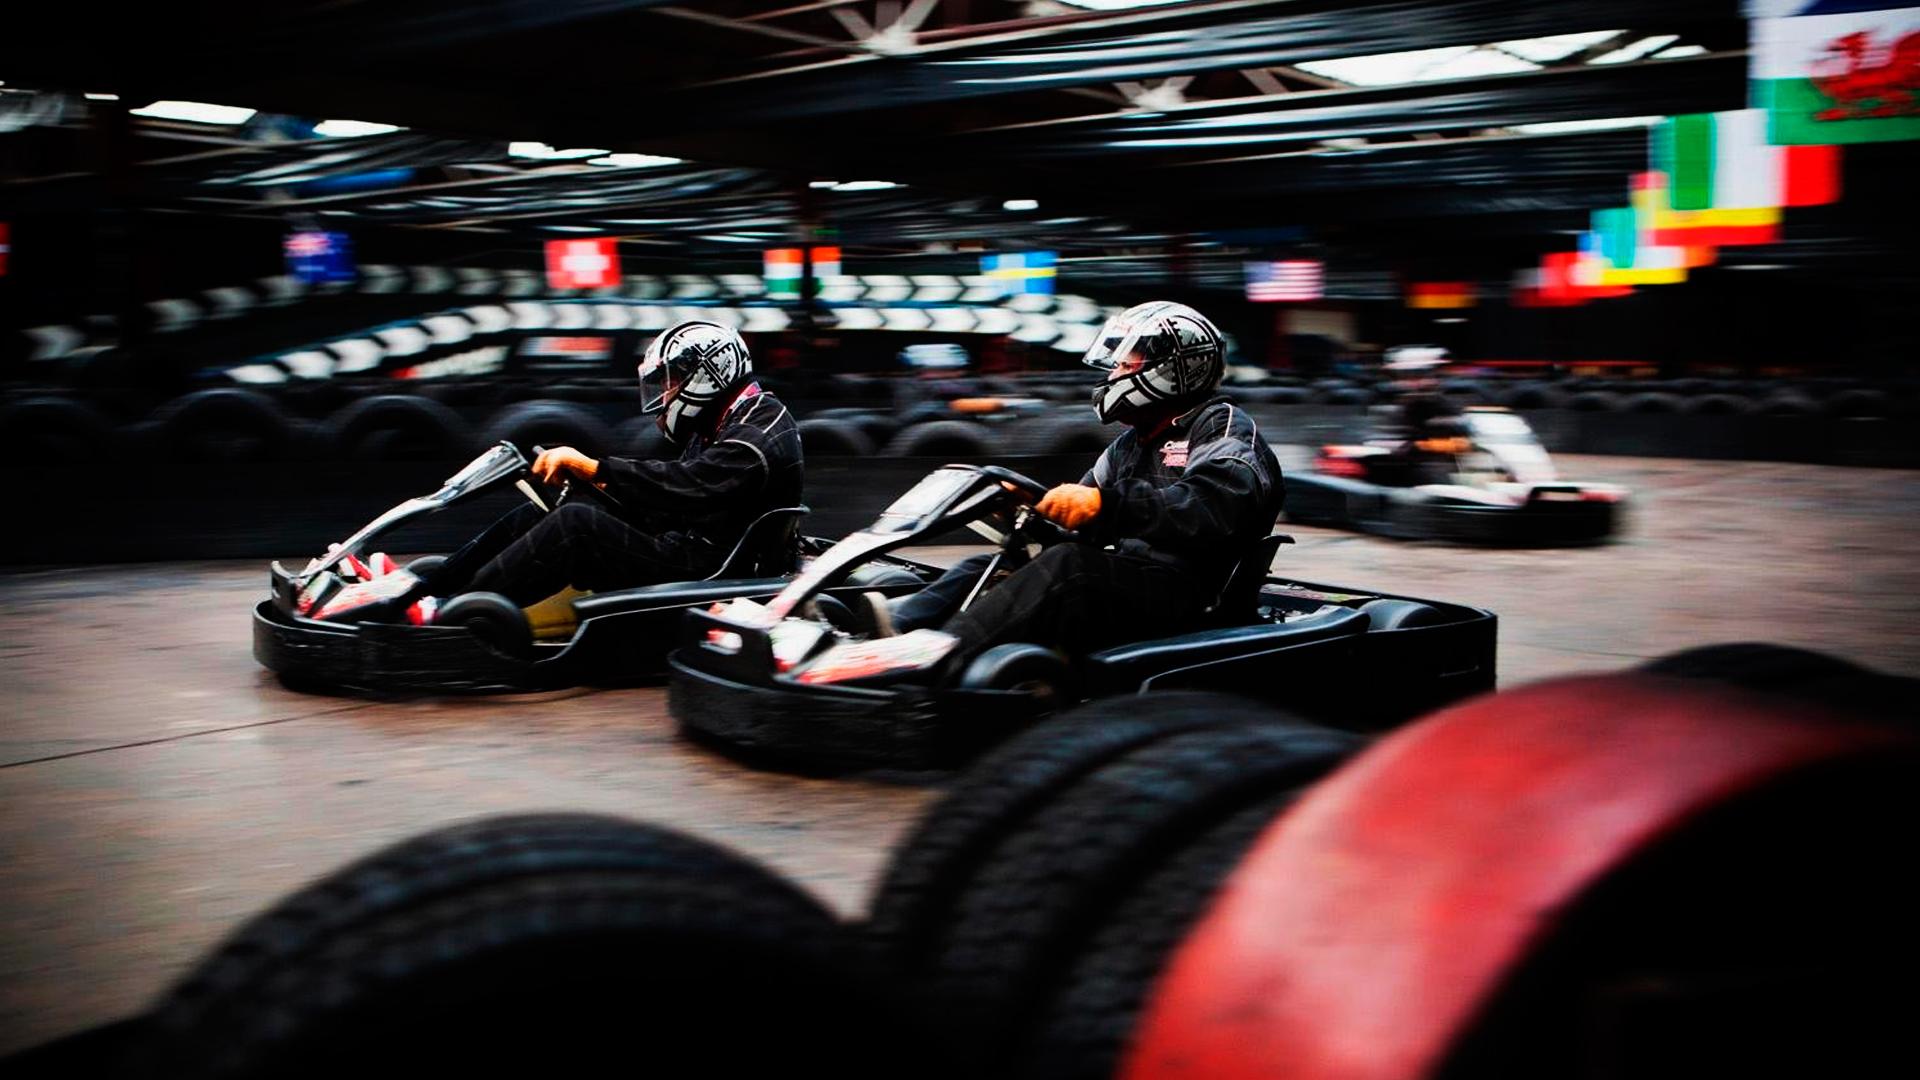 Corrida-de-Kart-imagem-de-corredores-com-equipamentos-de-segurança